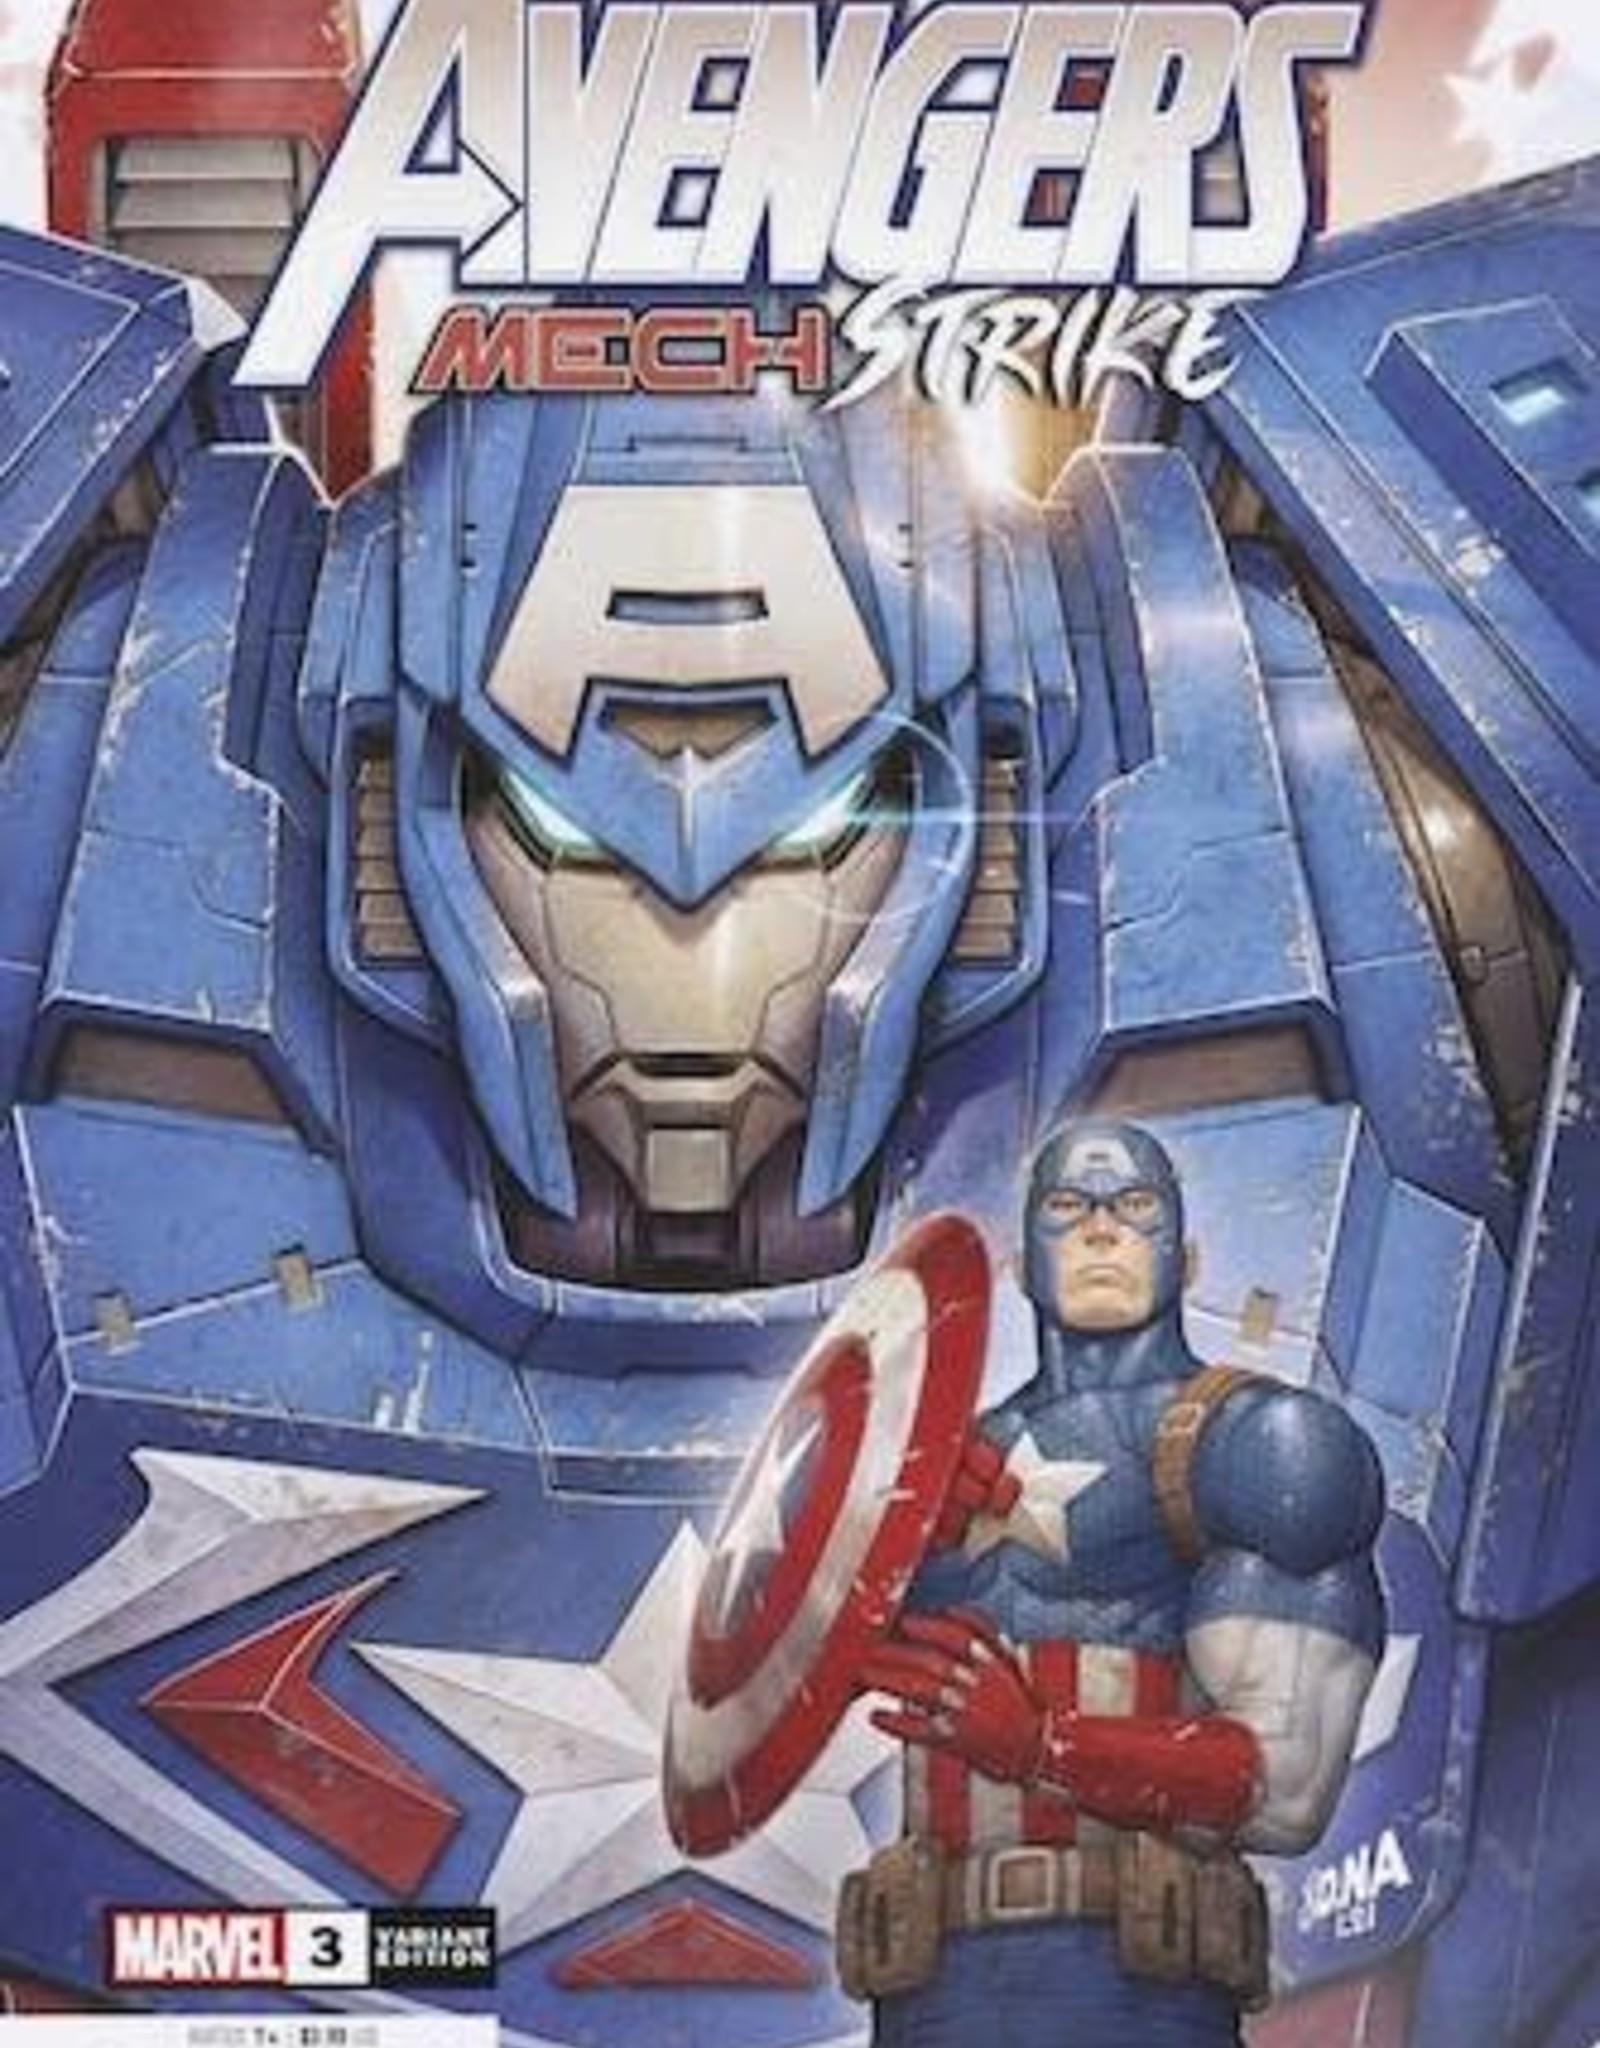 Marvel Comics Avengers Mech Strike #3 Nakayama Var